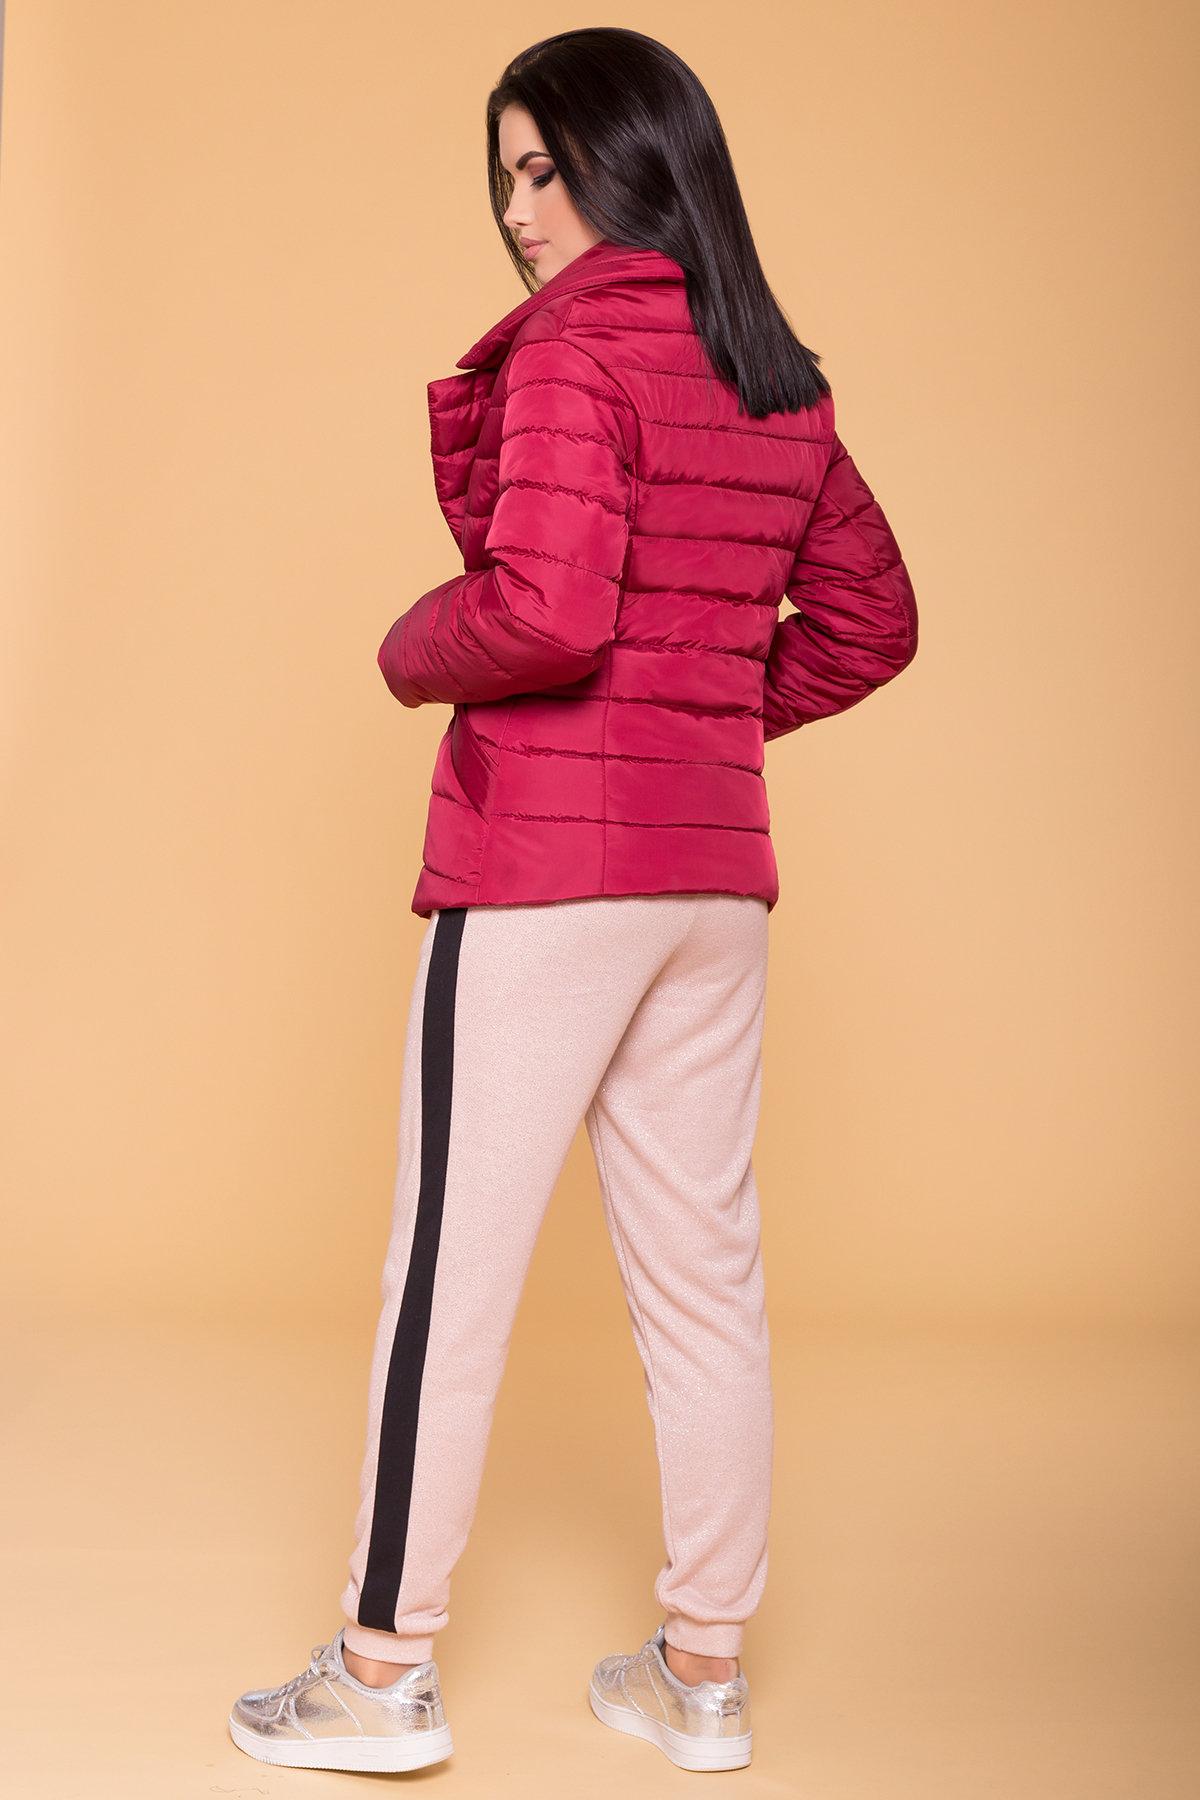 Куртка с отложным воротником Мириам 6414 АРТ. 41383 Цвет: Марсала - фото 2, интернет магазин tm-modus.ru